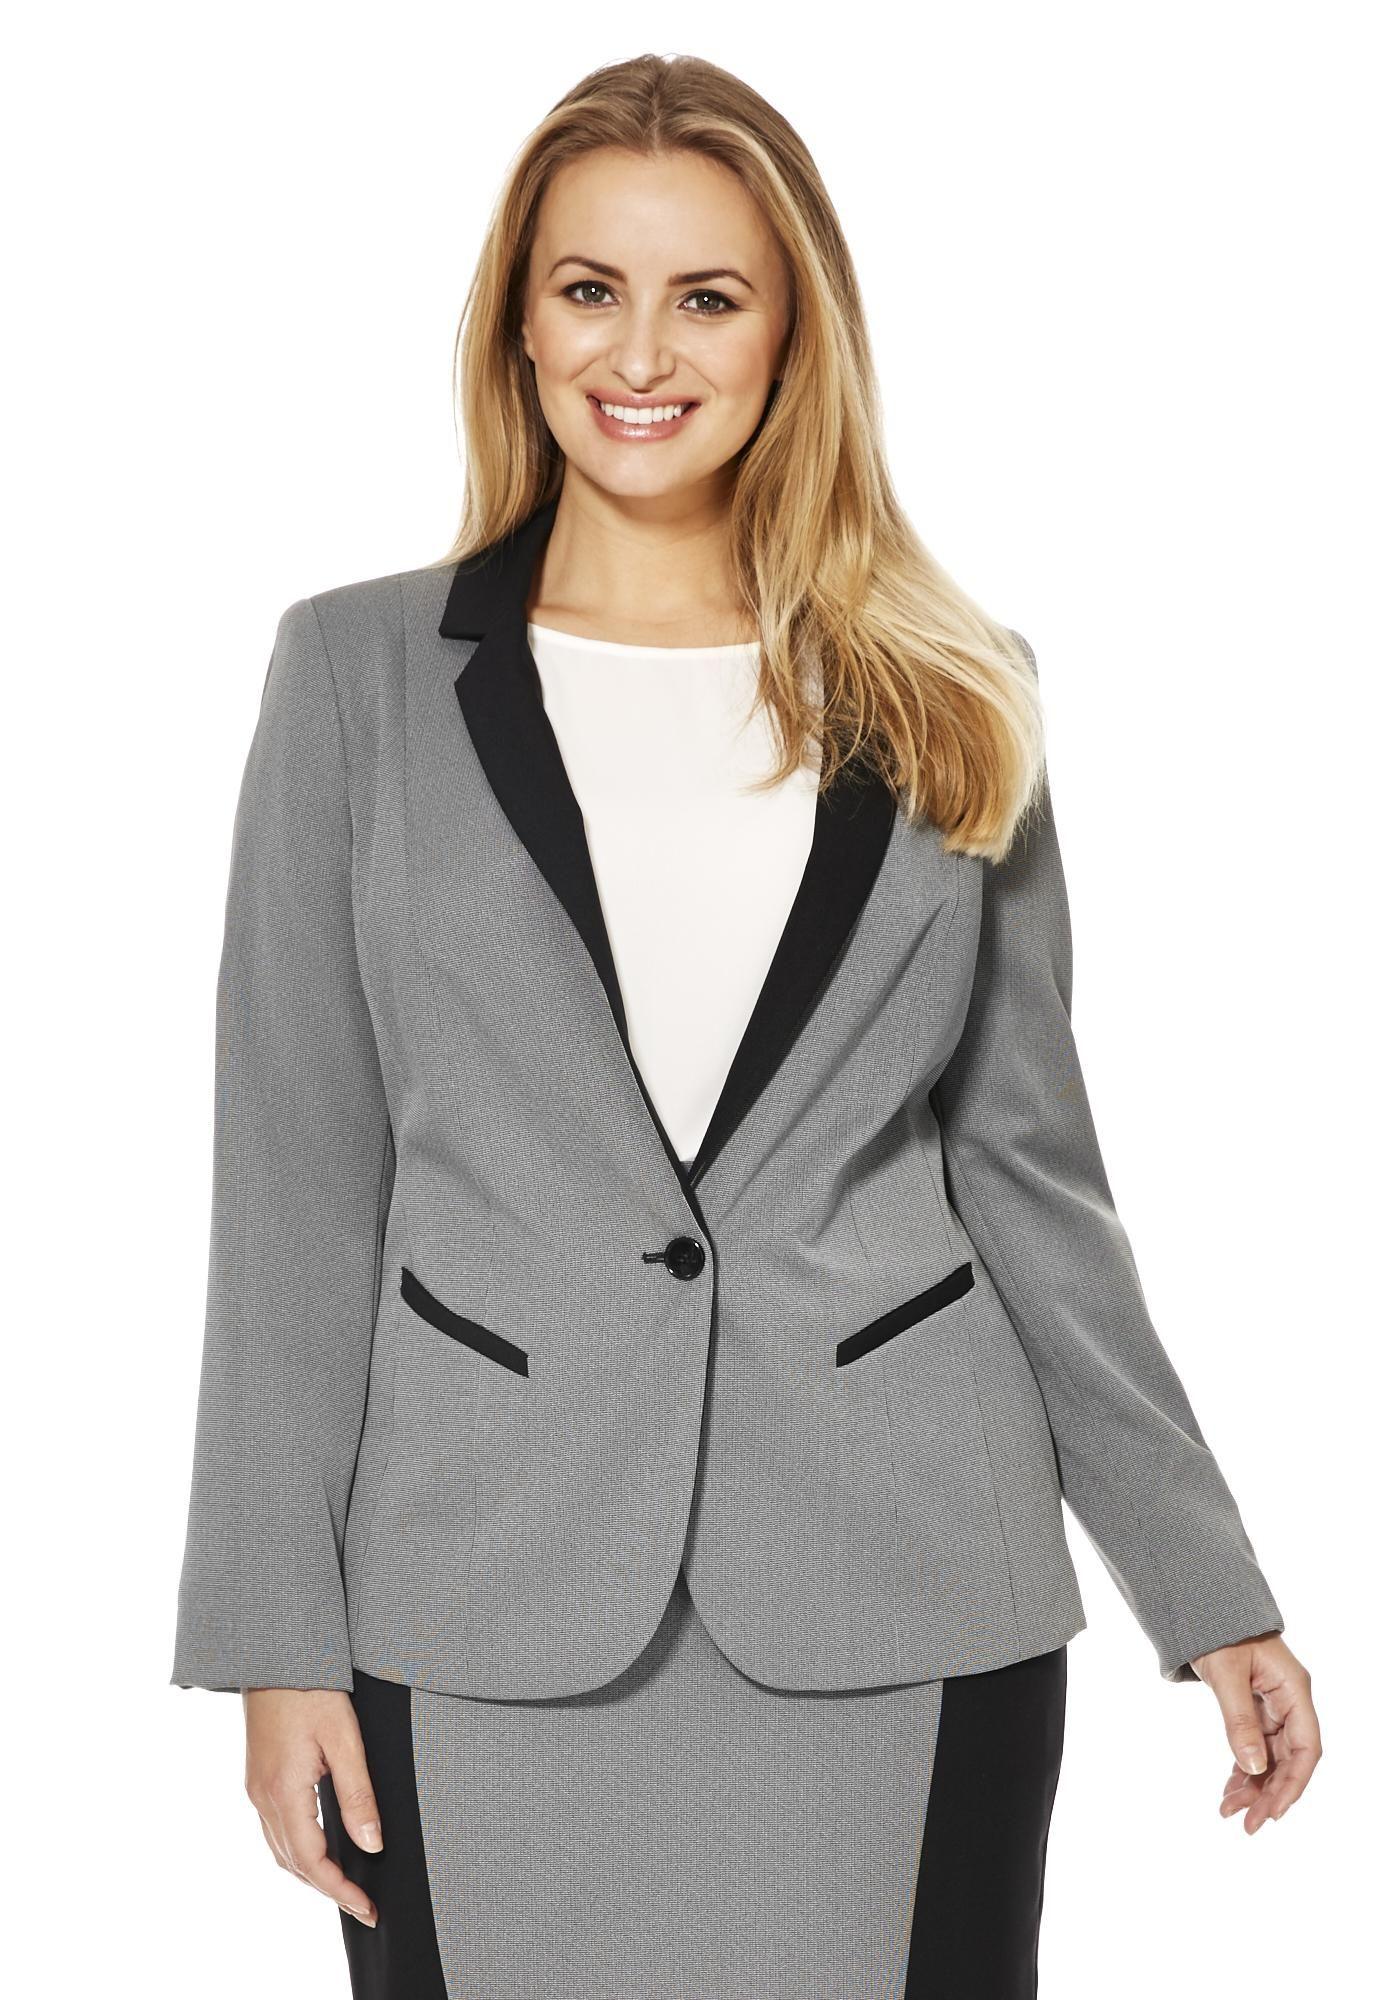 Ff true fine check colour block plus size suit jacket